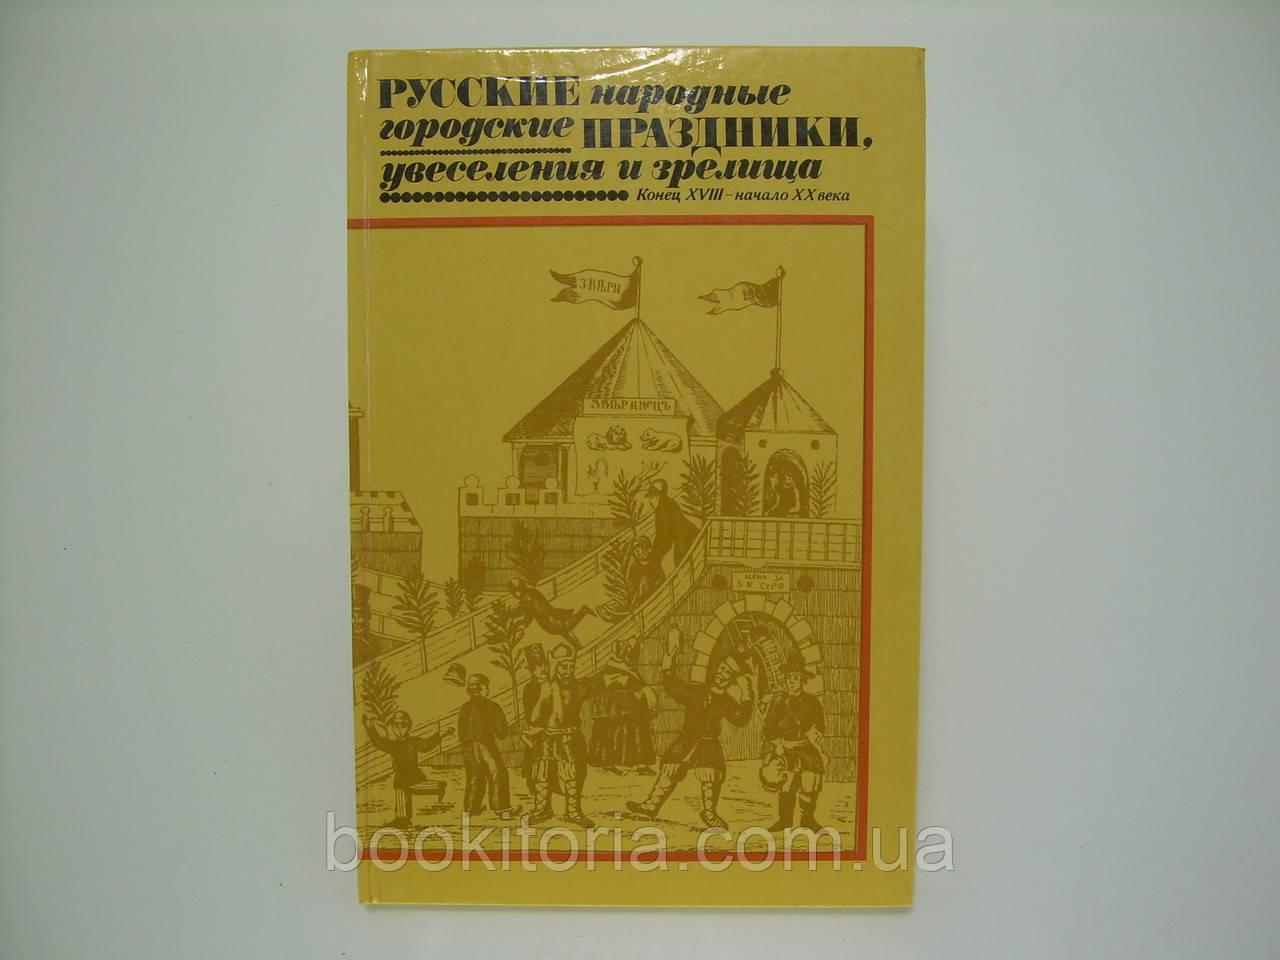 Некрылова А.Ф. Русские народные городские праздники, увеселения и зрелища (б/у)., фото 1